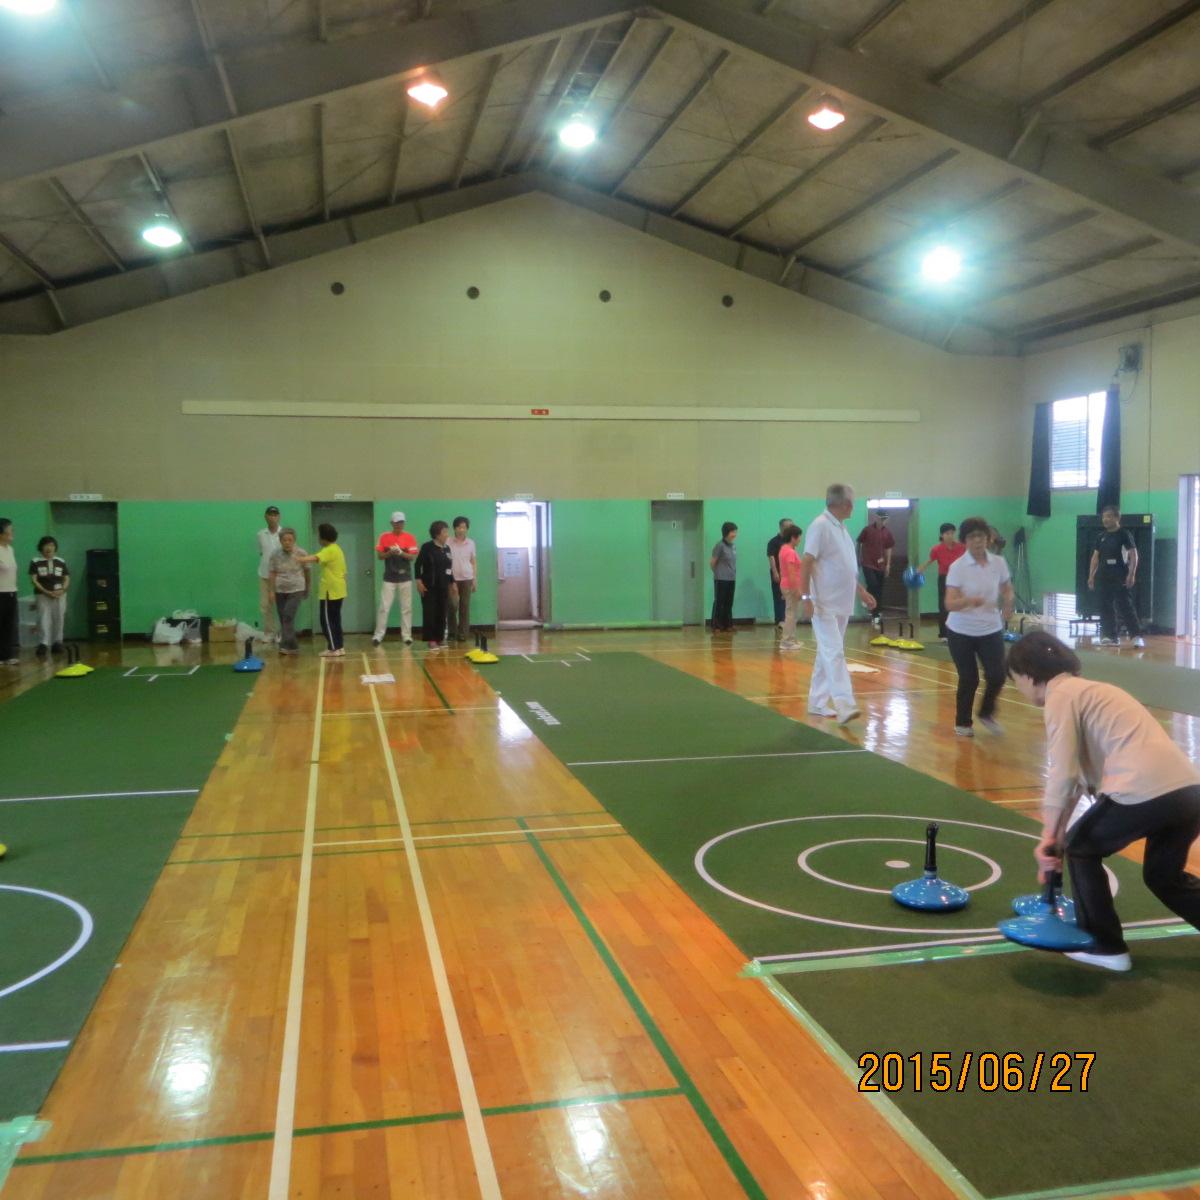 シニアスポーツ振興事業 ユニカール教室(前期)